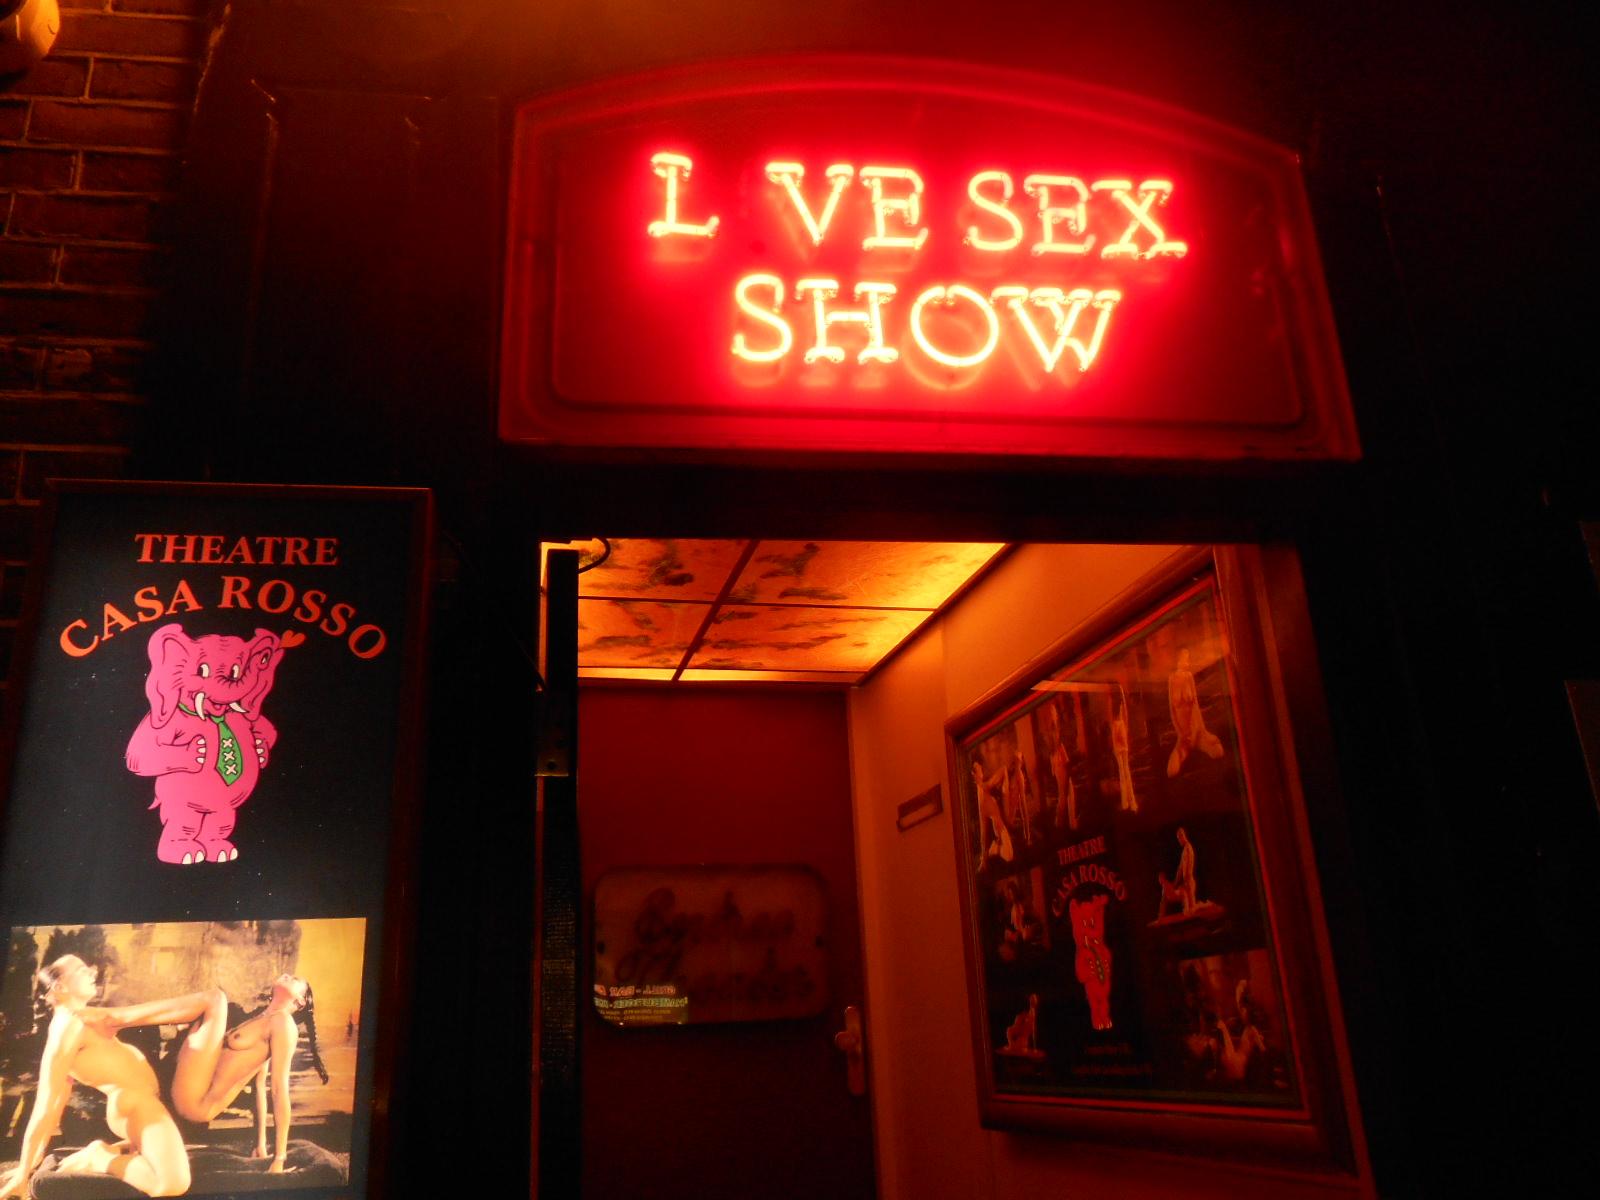 Web sex show